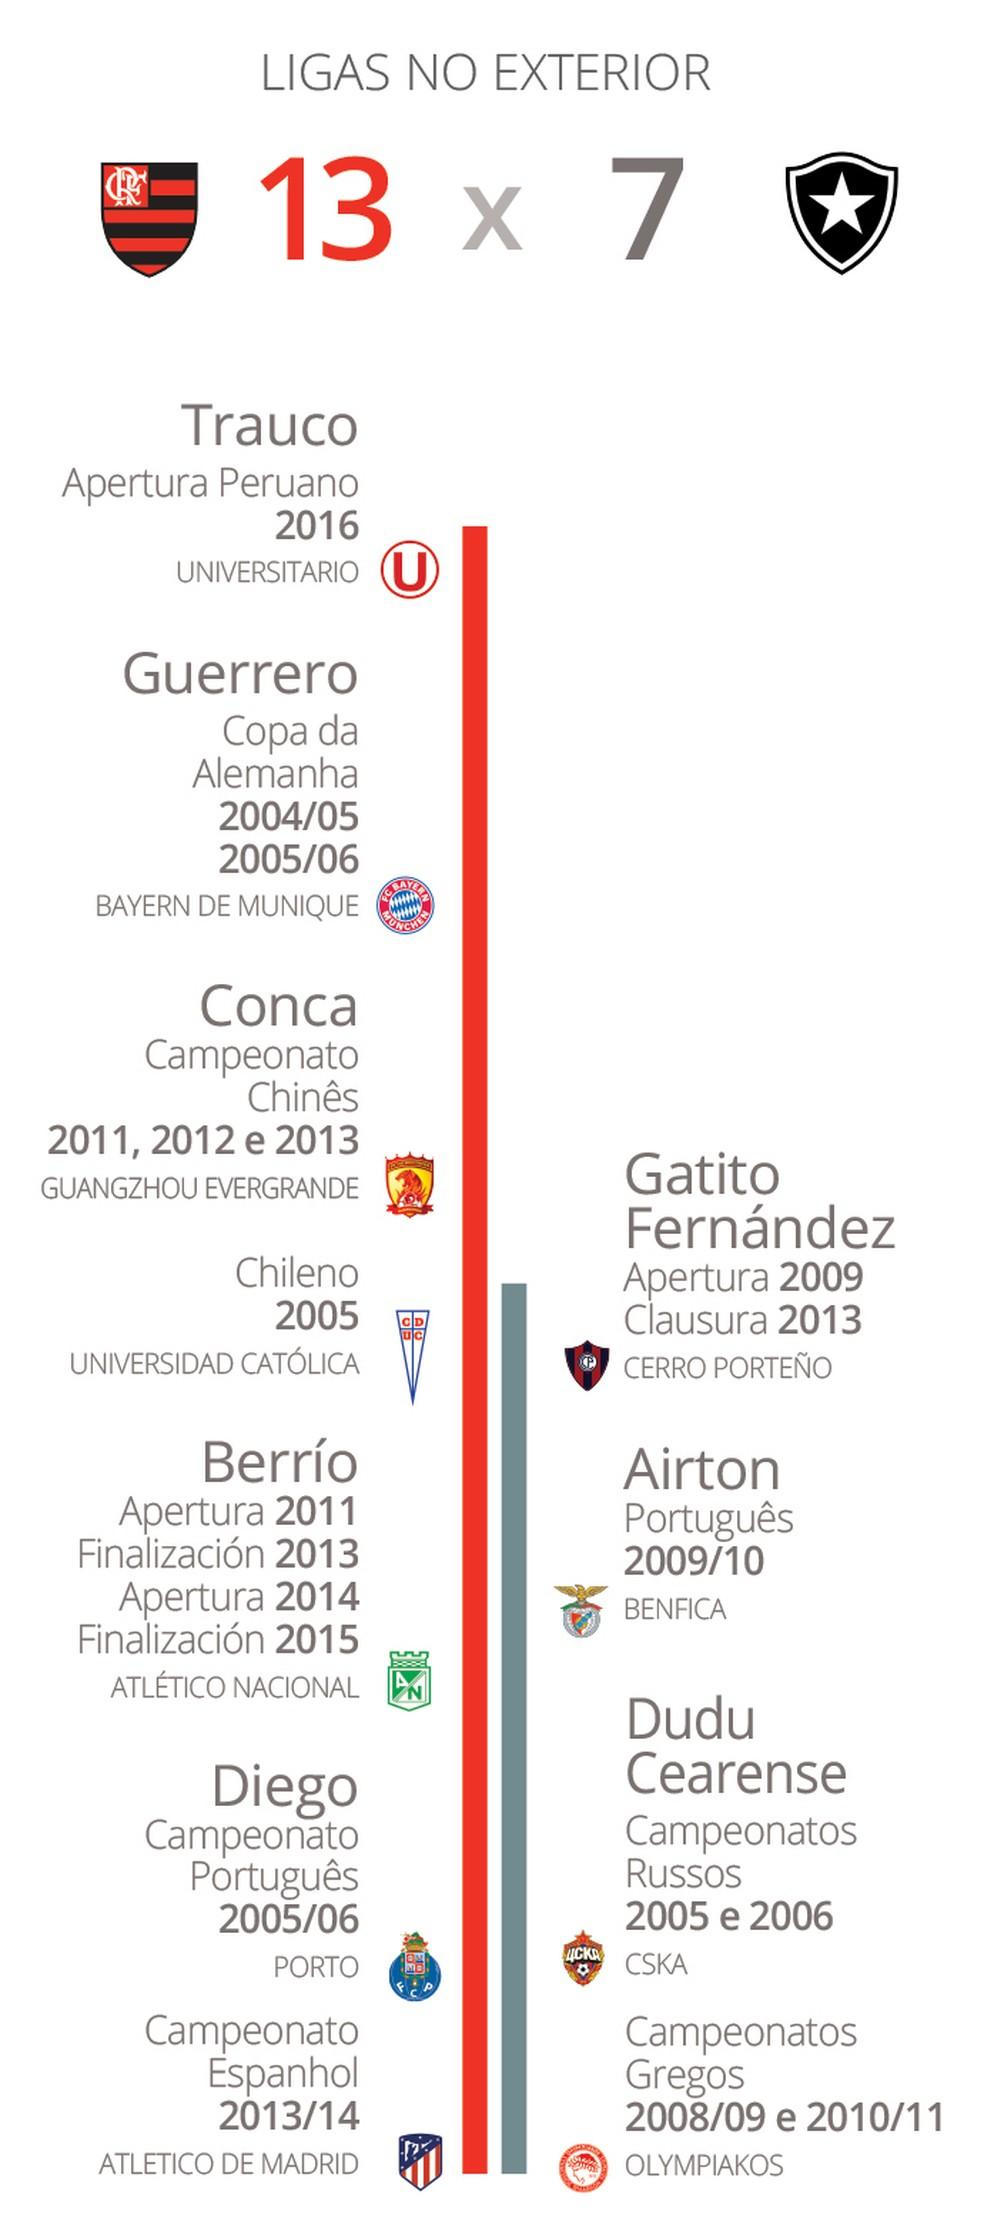 Superioridade também é grande no número de Ligas: Berrío tem quatro na Colômbia (Foto: GloboEsporte.com)